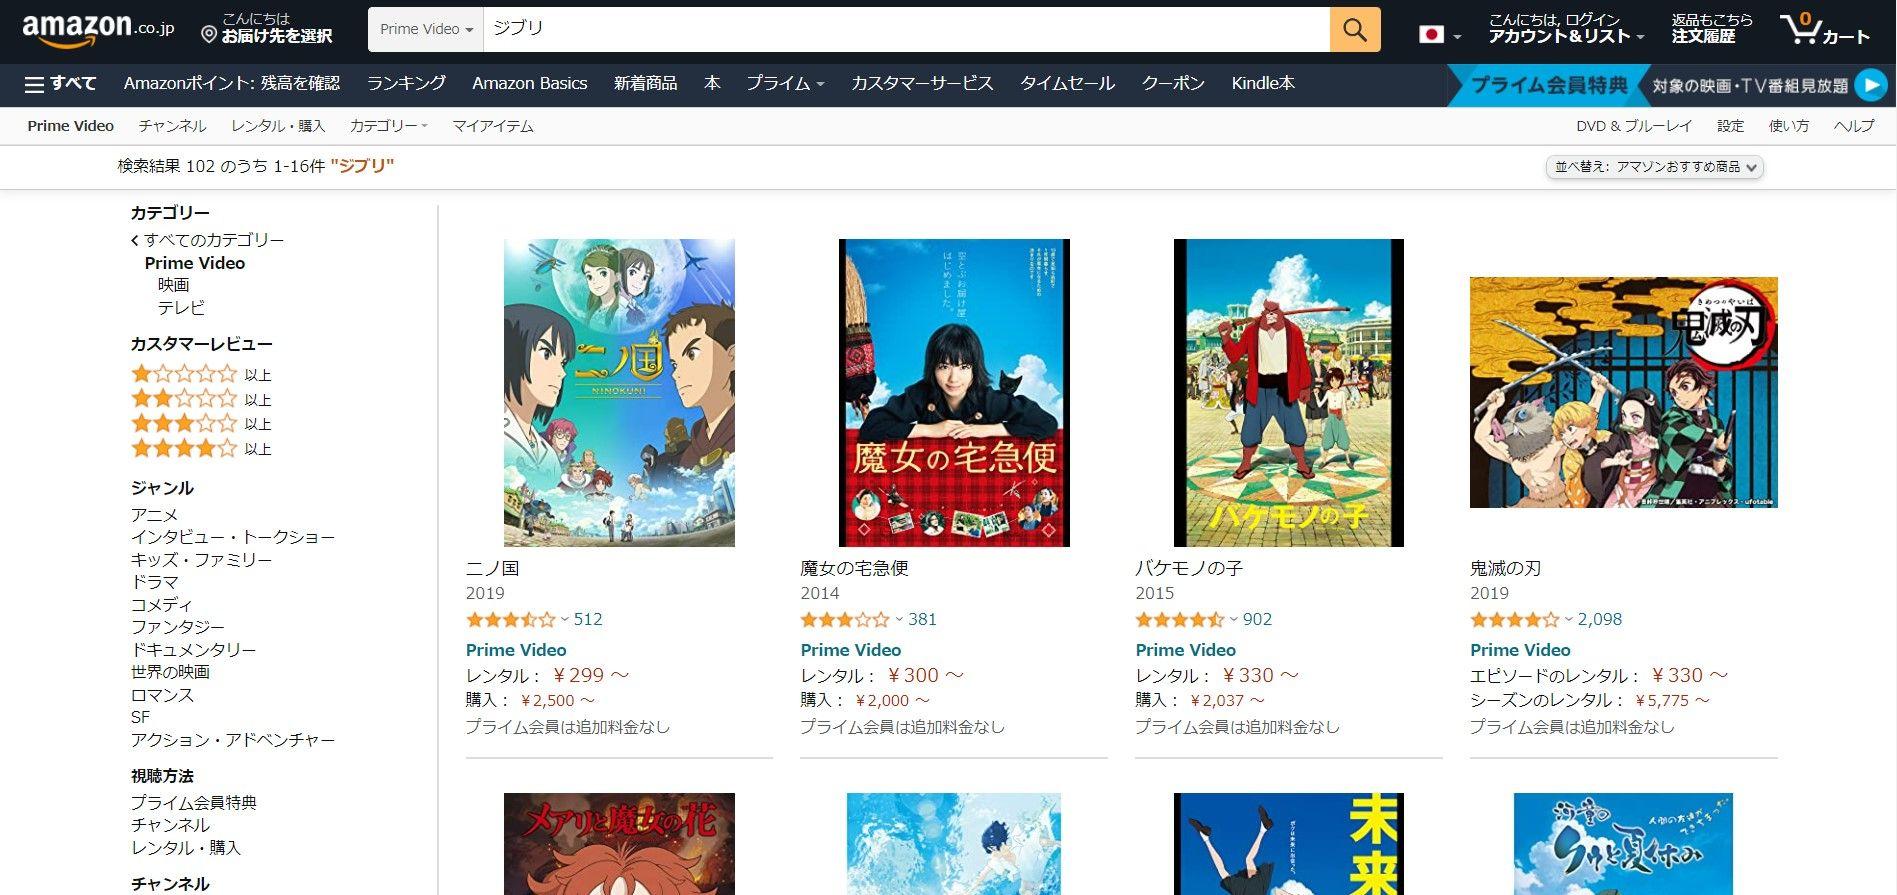 Amazon Prime Videoではジブリ作品が見れない